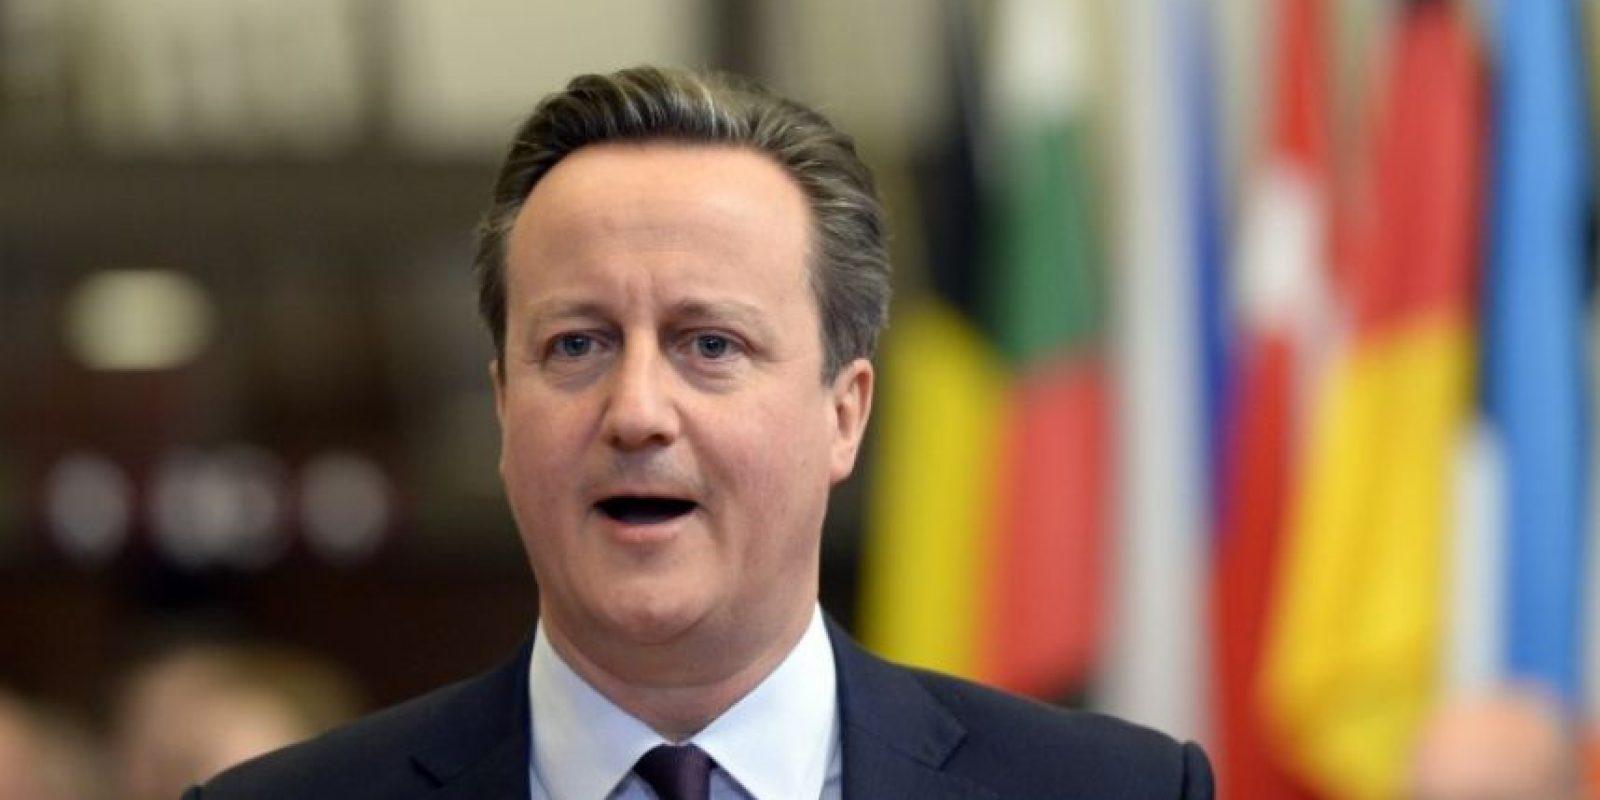 El ministro británico, David Cameron, hace un gesto durante una reunión. Foto:AFP